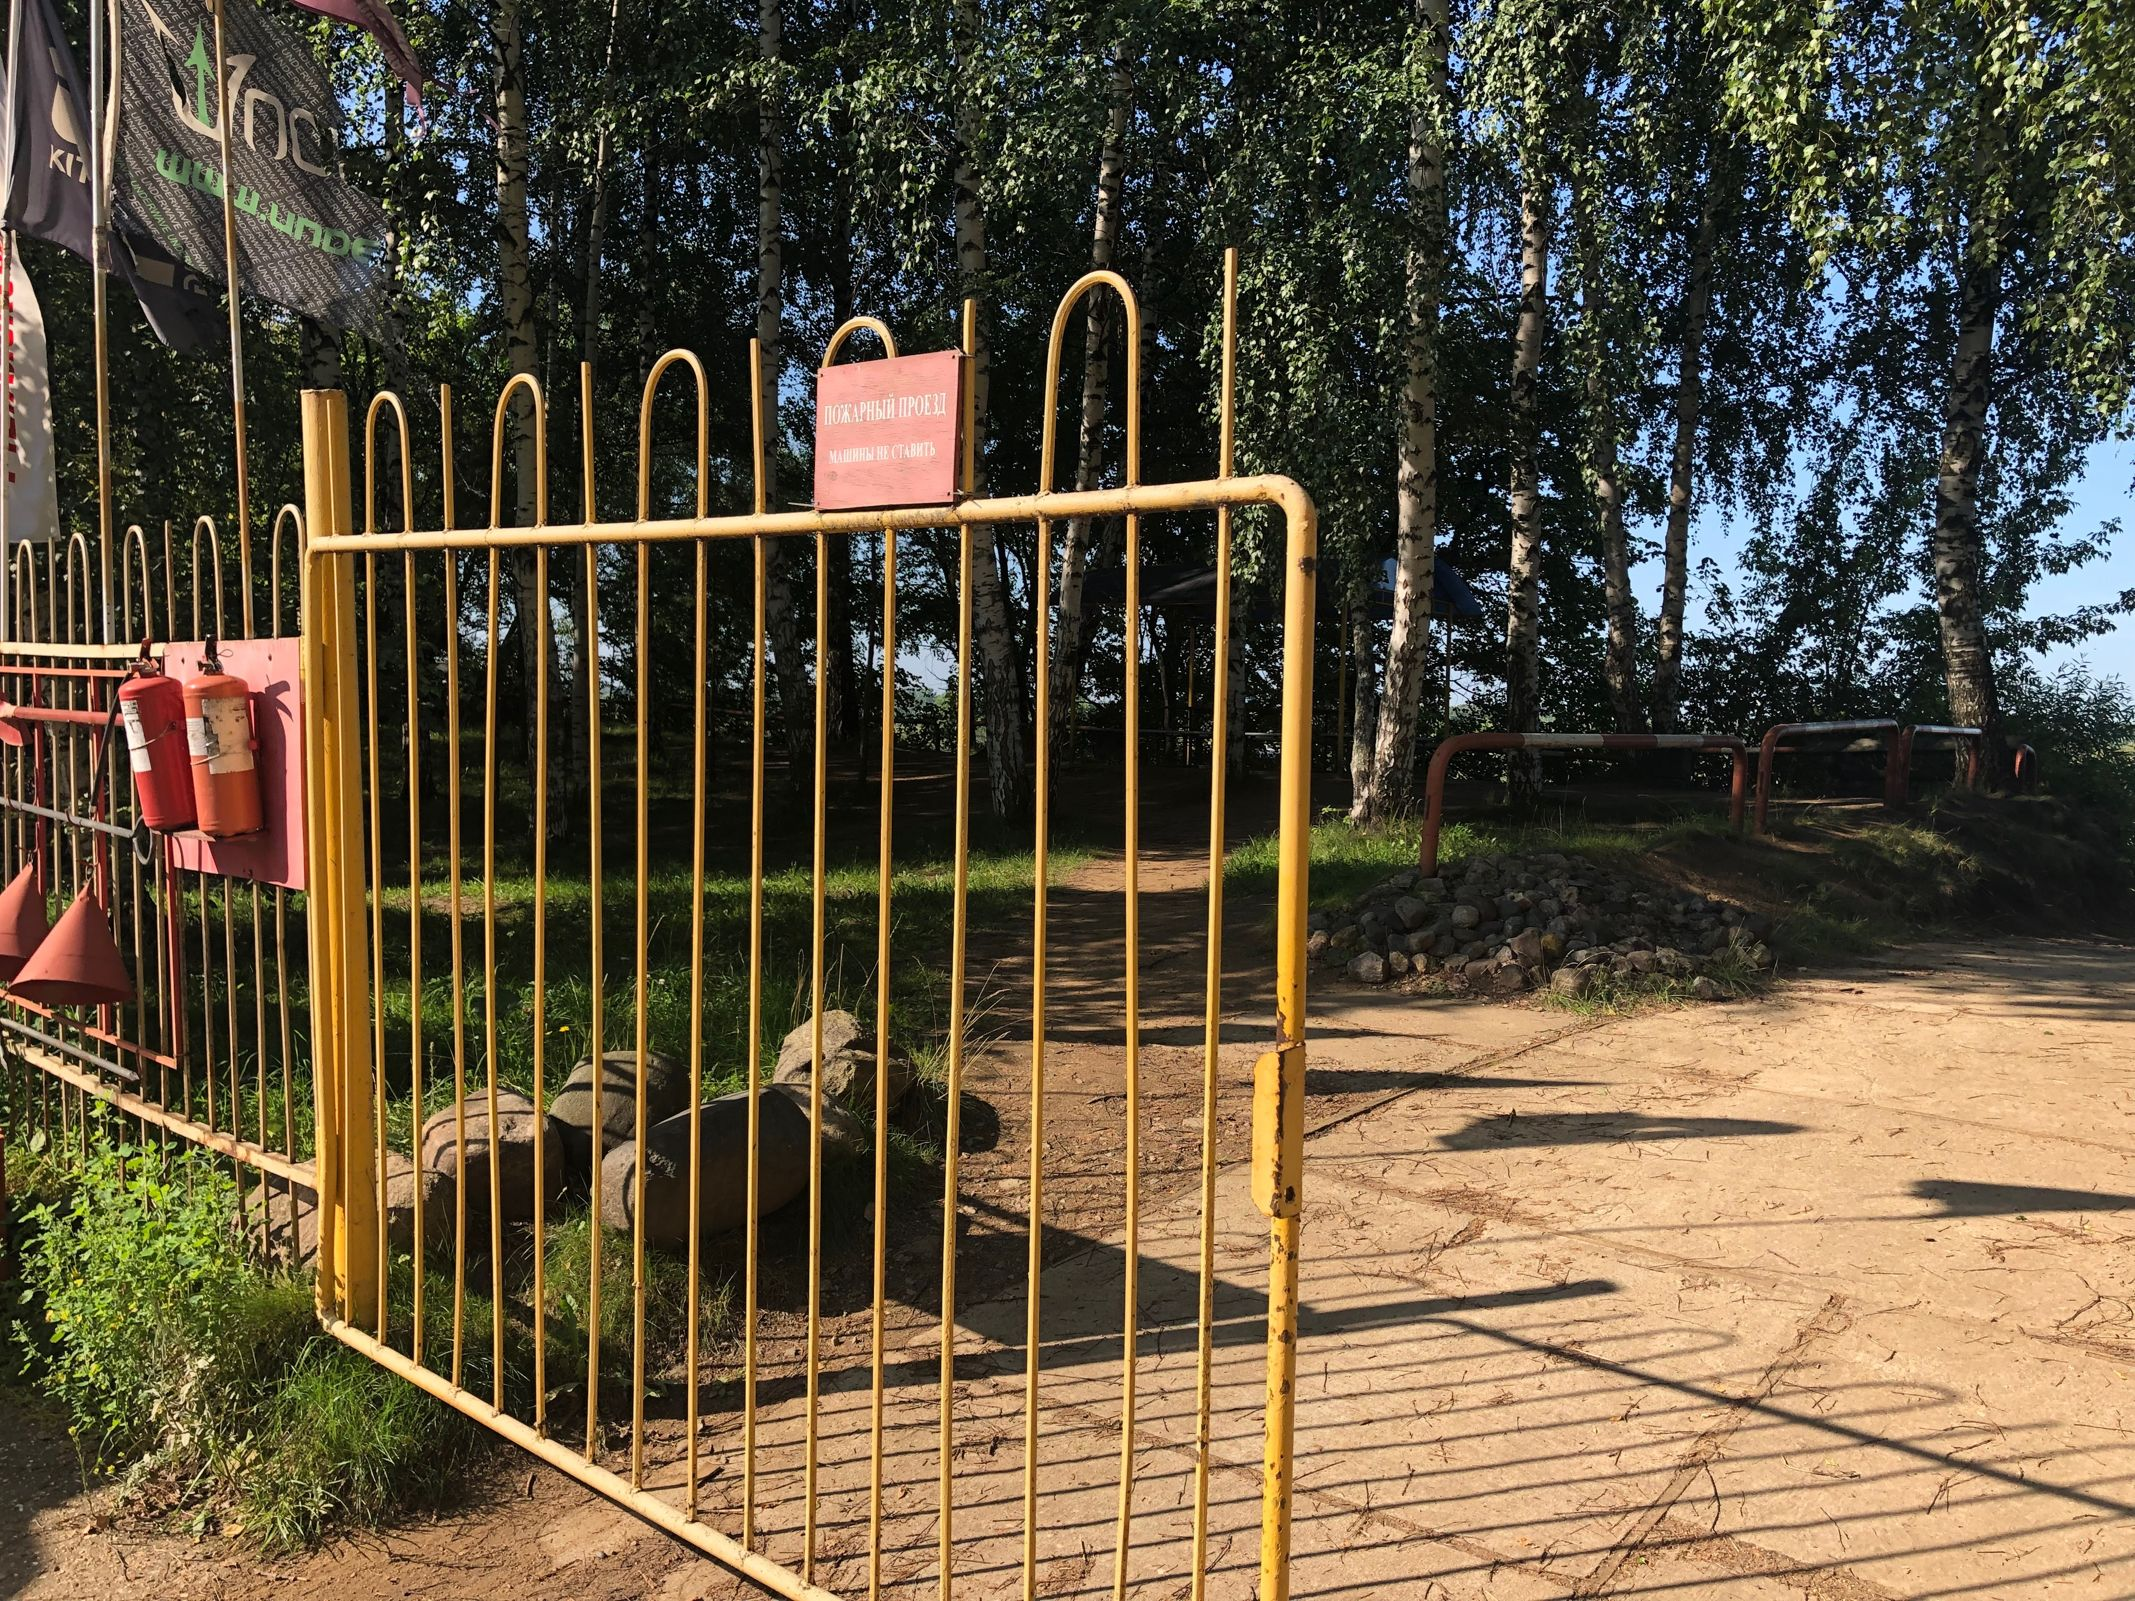 В Ярославле спортклуб обвинили в незаконном захвате участка земли напротив Стрелки